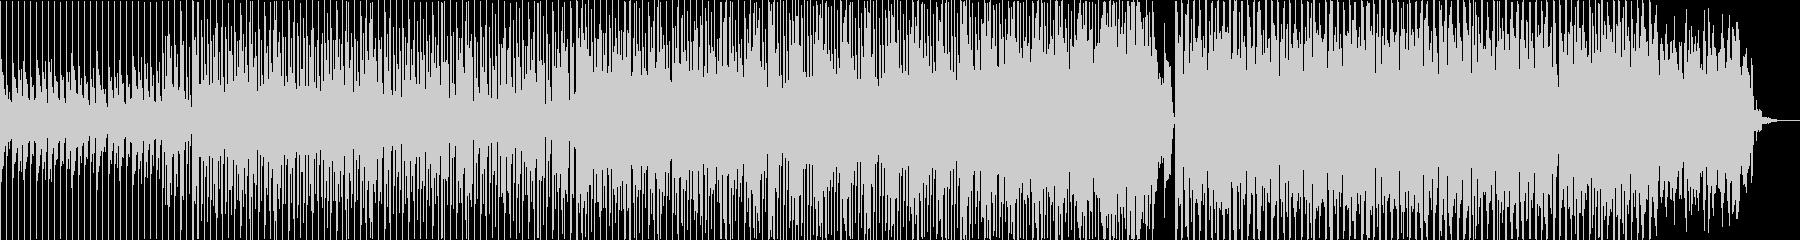 弦とピアノの切ないヒップホップの未再生の波形